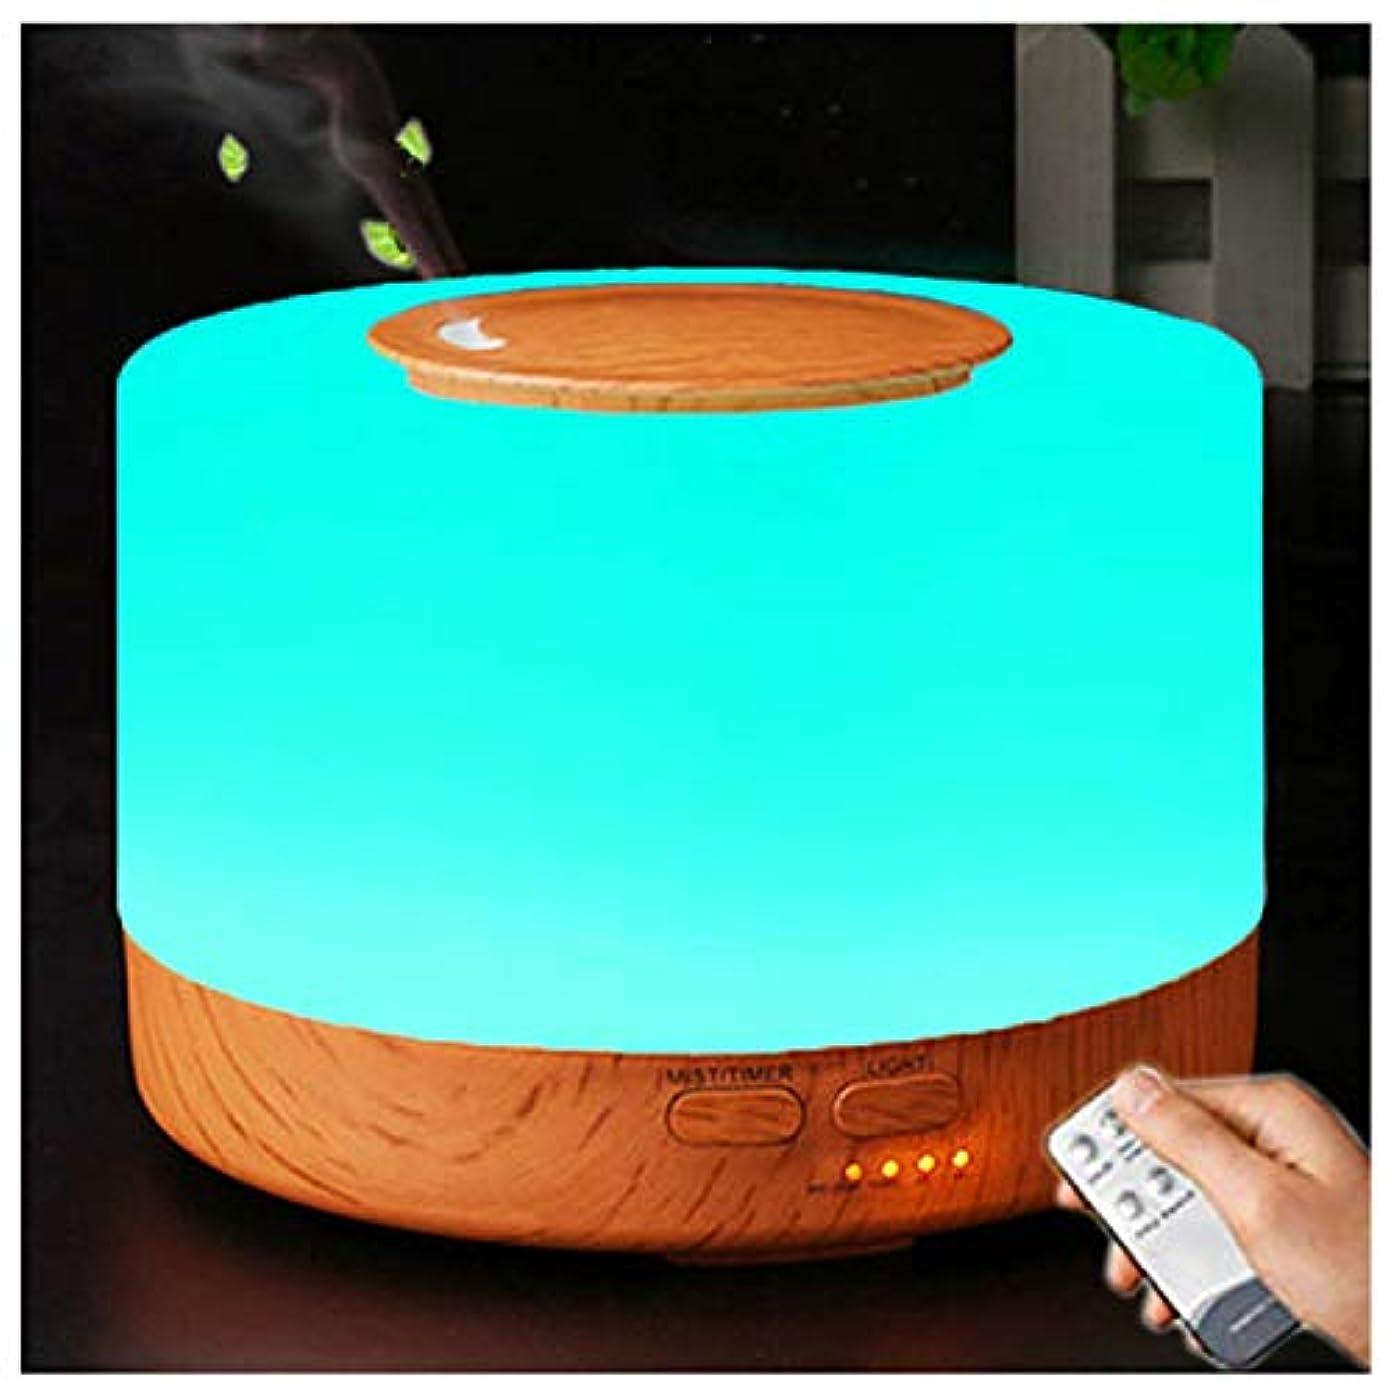 減少ラグ団結アロマディフューザー 加湿器, 卓上 大容量 超音波加湿器, 500ML 保湿 時間設定 空焚き防止 7色変換LED搭載 (木目調)